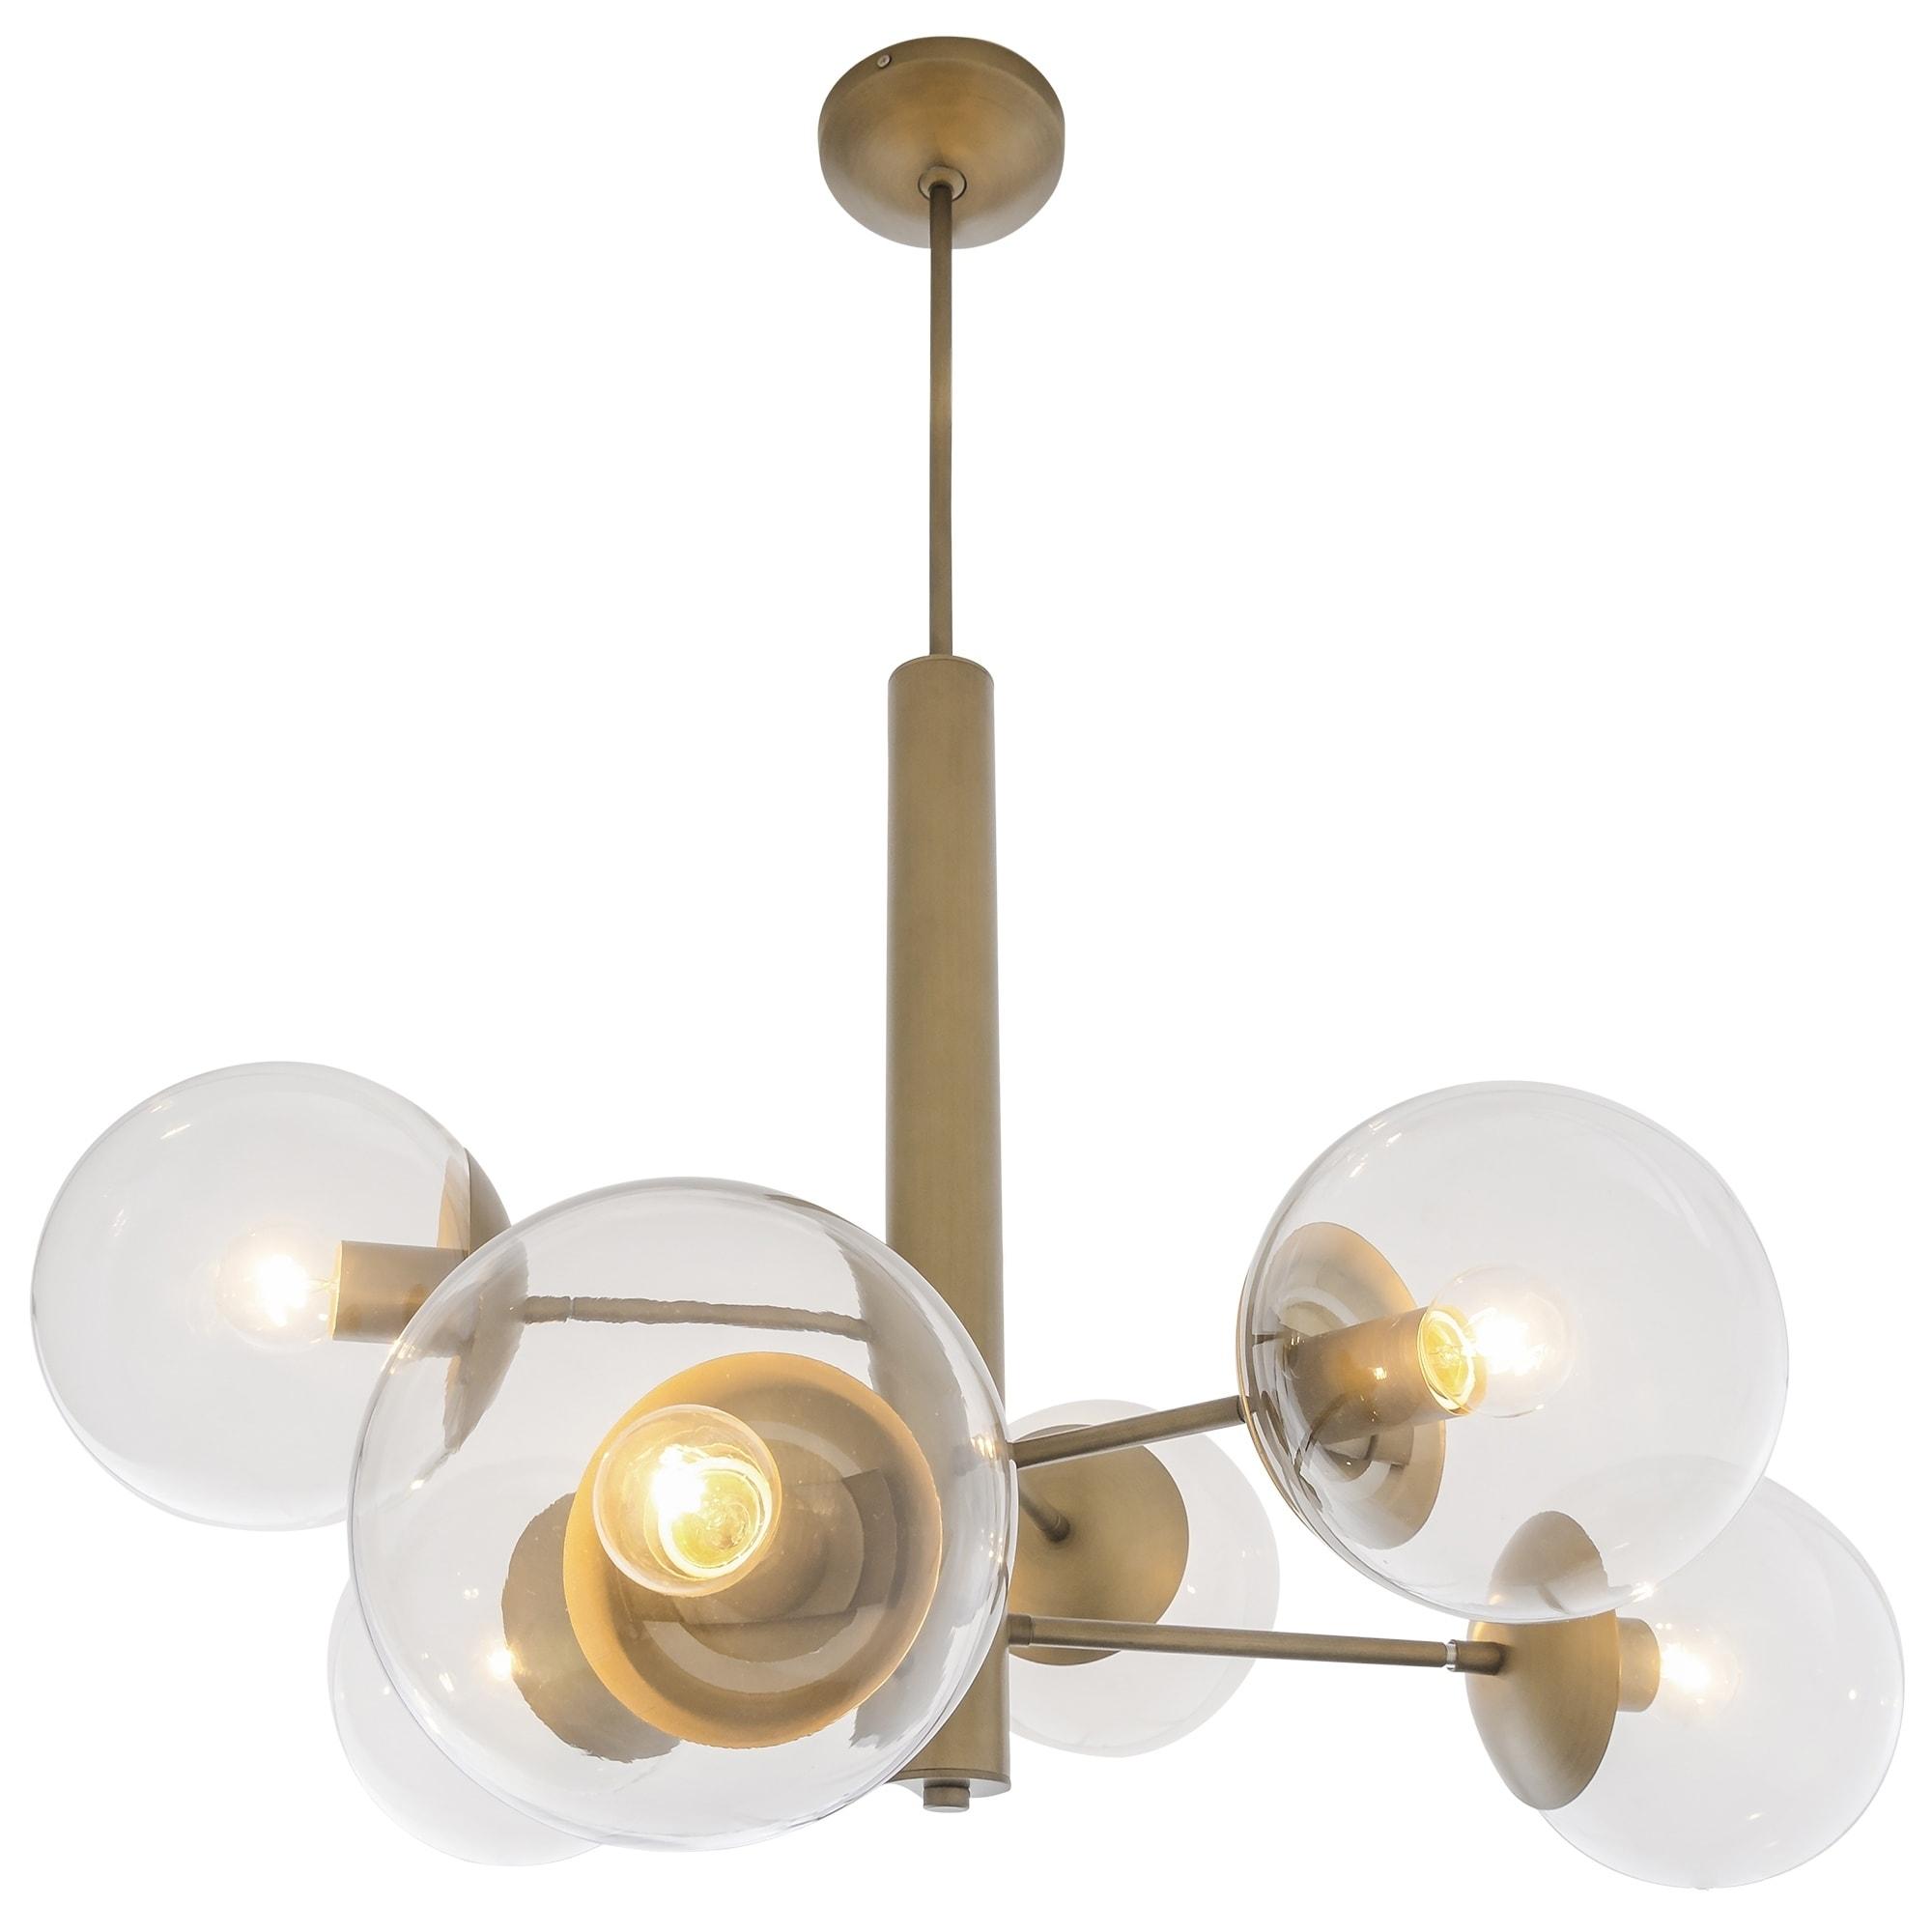 Mid century 6 light antique brass chandelier